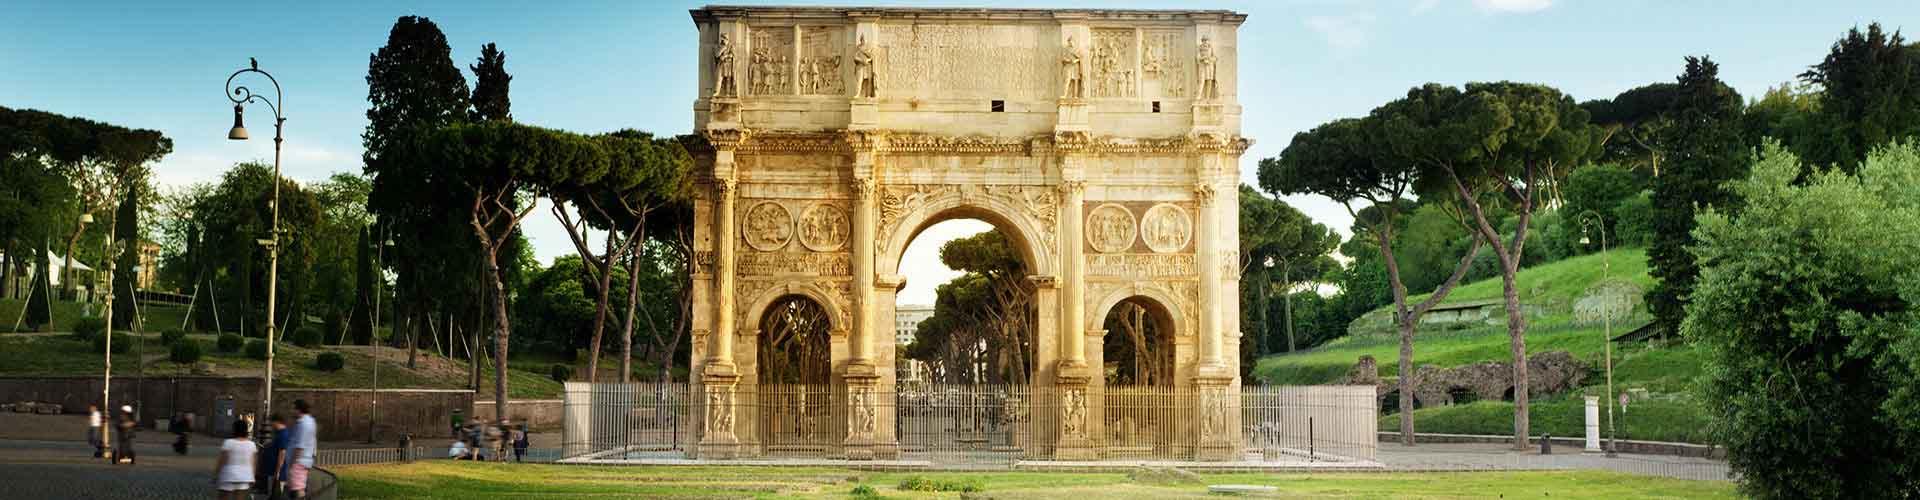 Roma - Albergues Juveniles cerca a Arco de Constantino. Mapas de Roma, Fotos y Comentarios para cada Albergue Juvenil en Roma.